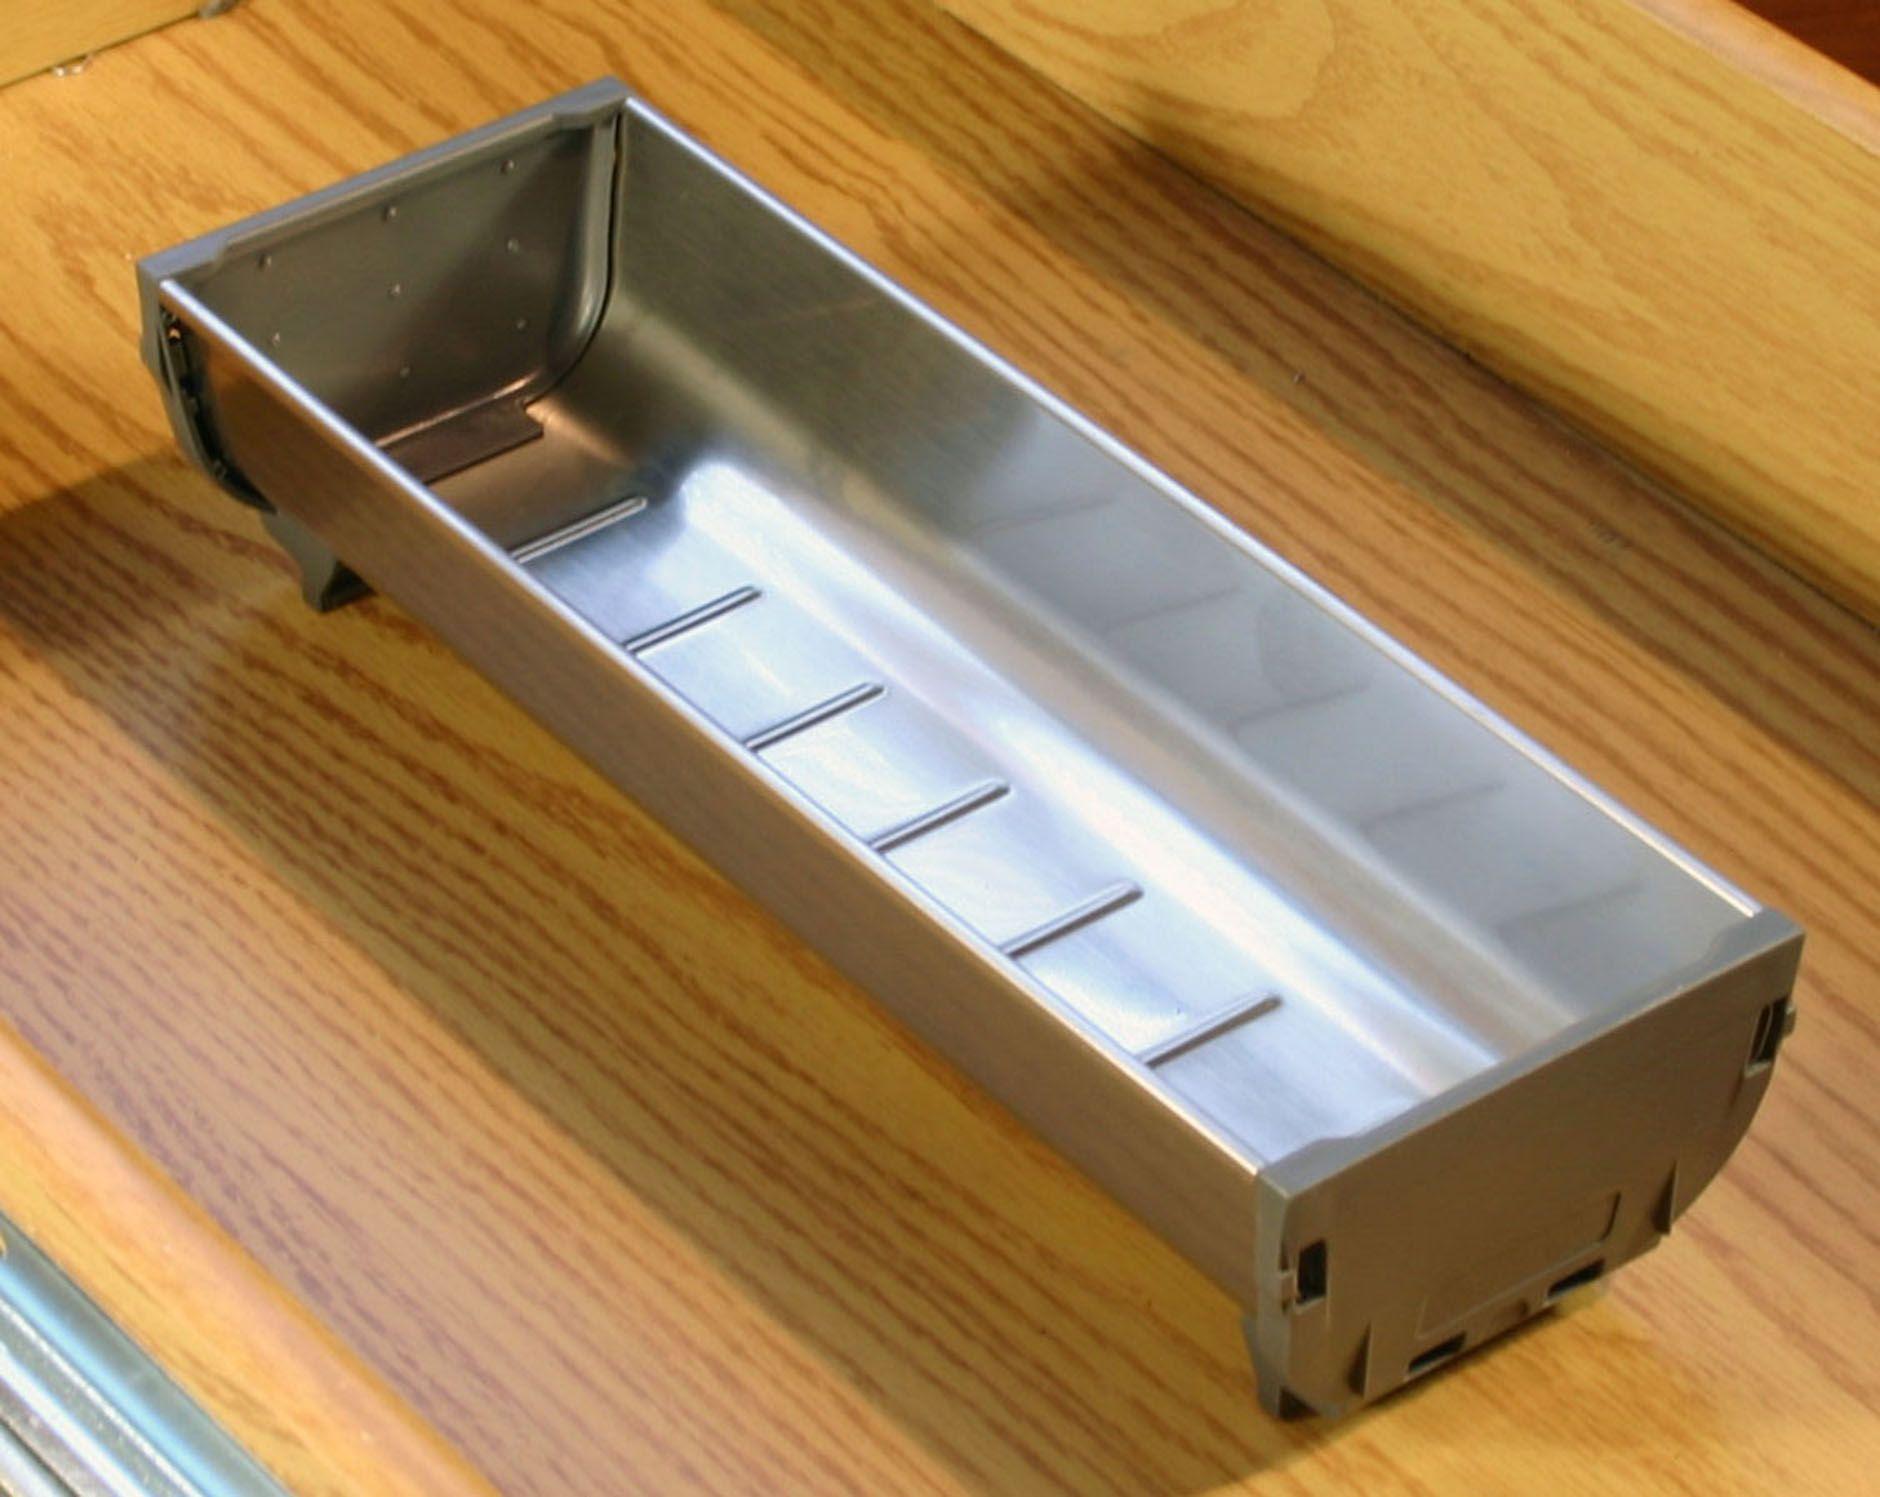 Stainless Steel Kitchen Drawer Organizers